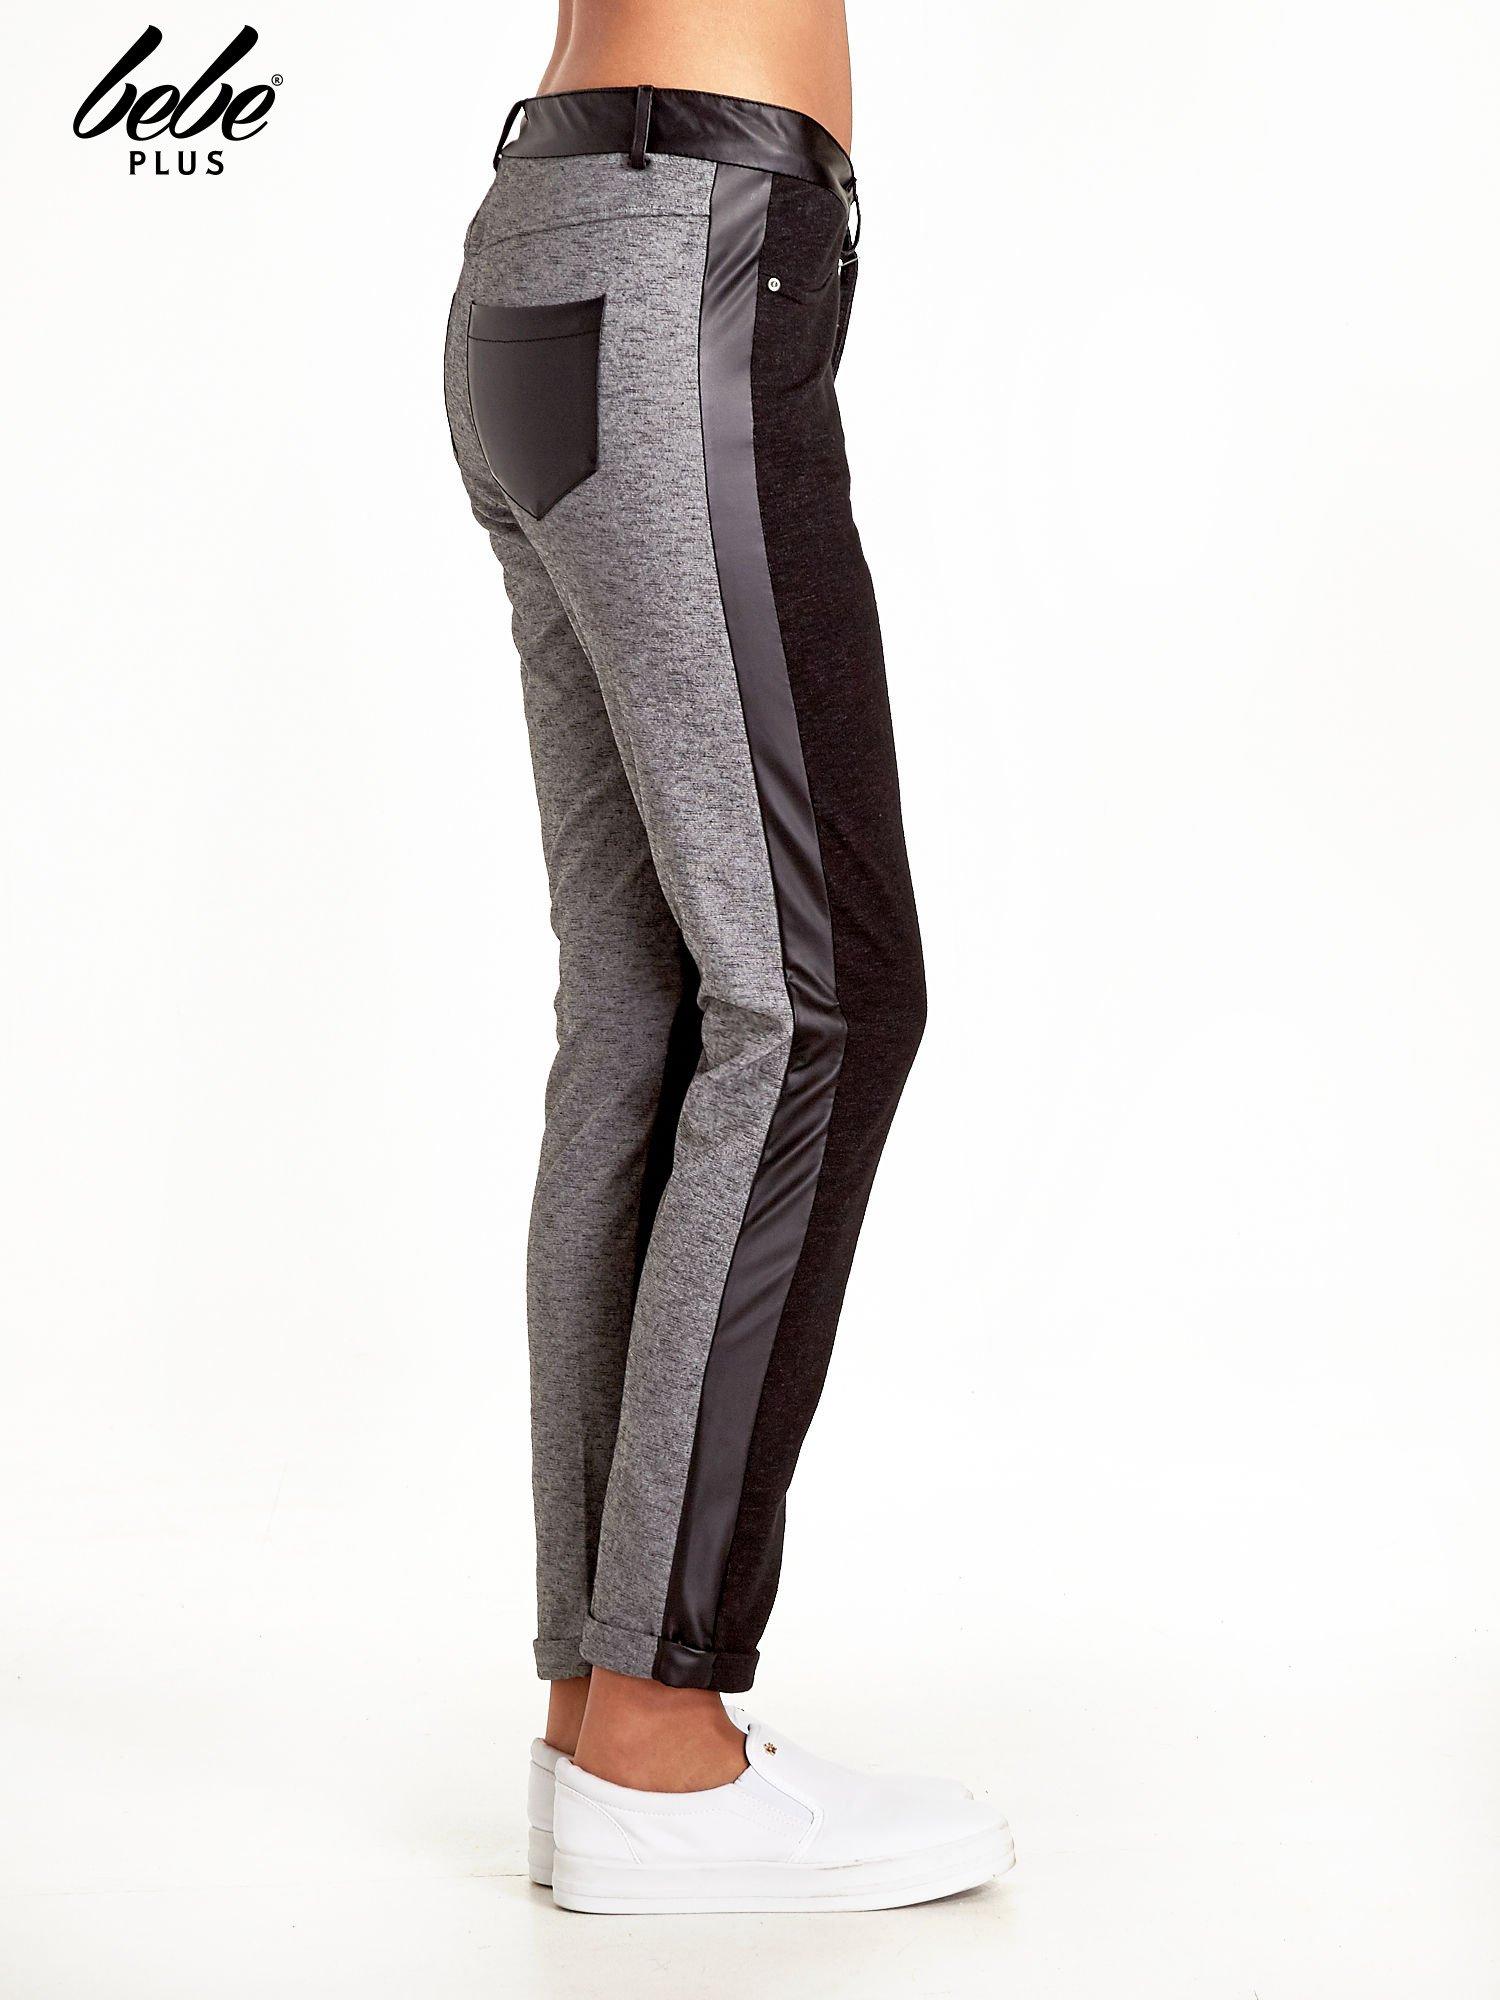 Spodnie two tone ze skórzanymi wstawkami                                  zdj.                                  3